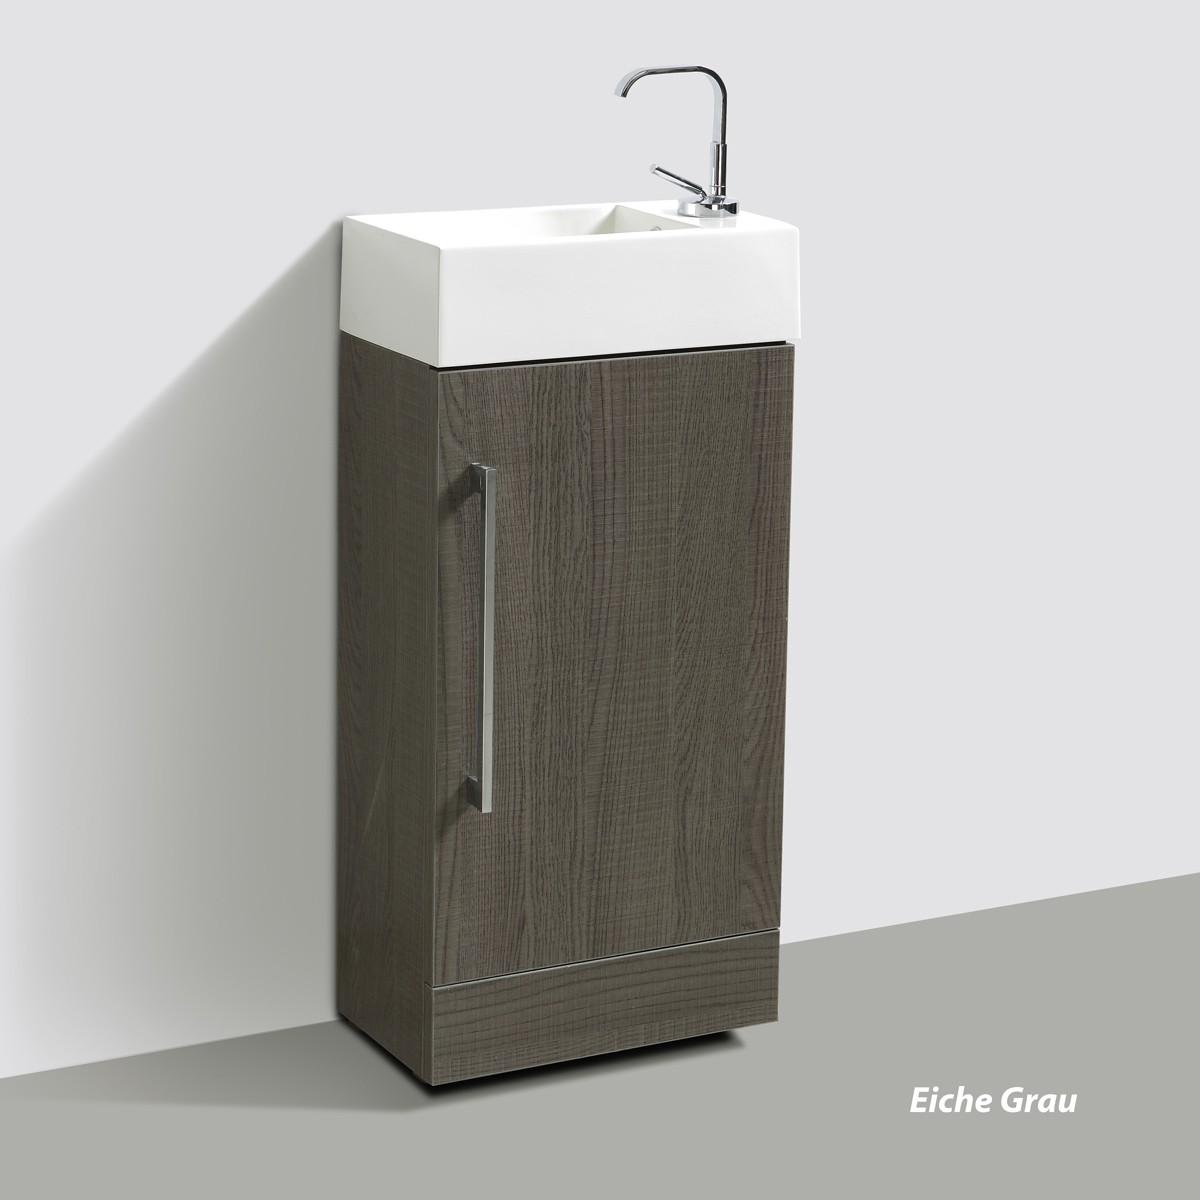 Sch ne kleines waschbecken mit unterschrank f r g ste wc - Kleines waschbecken mit unterschrank ...